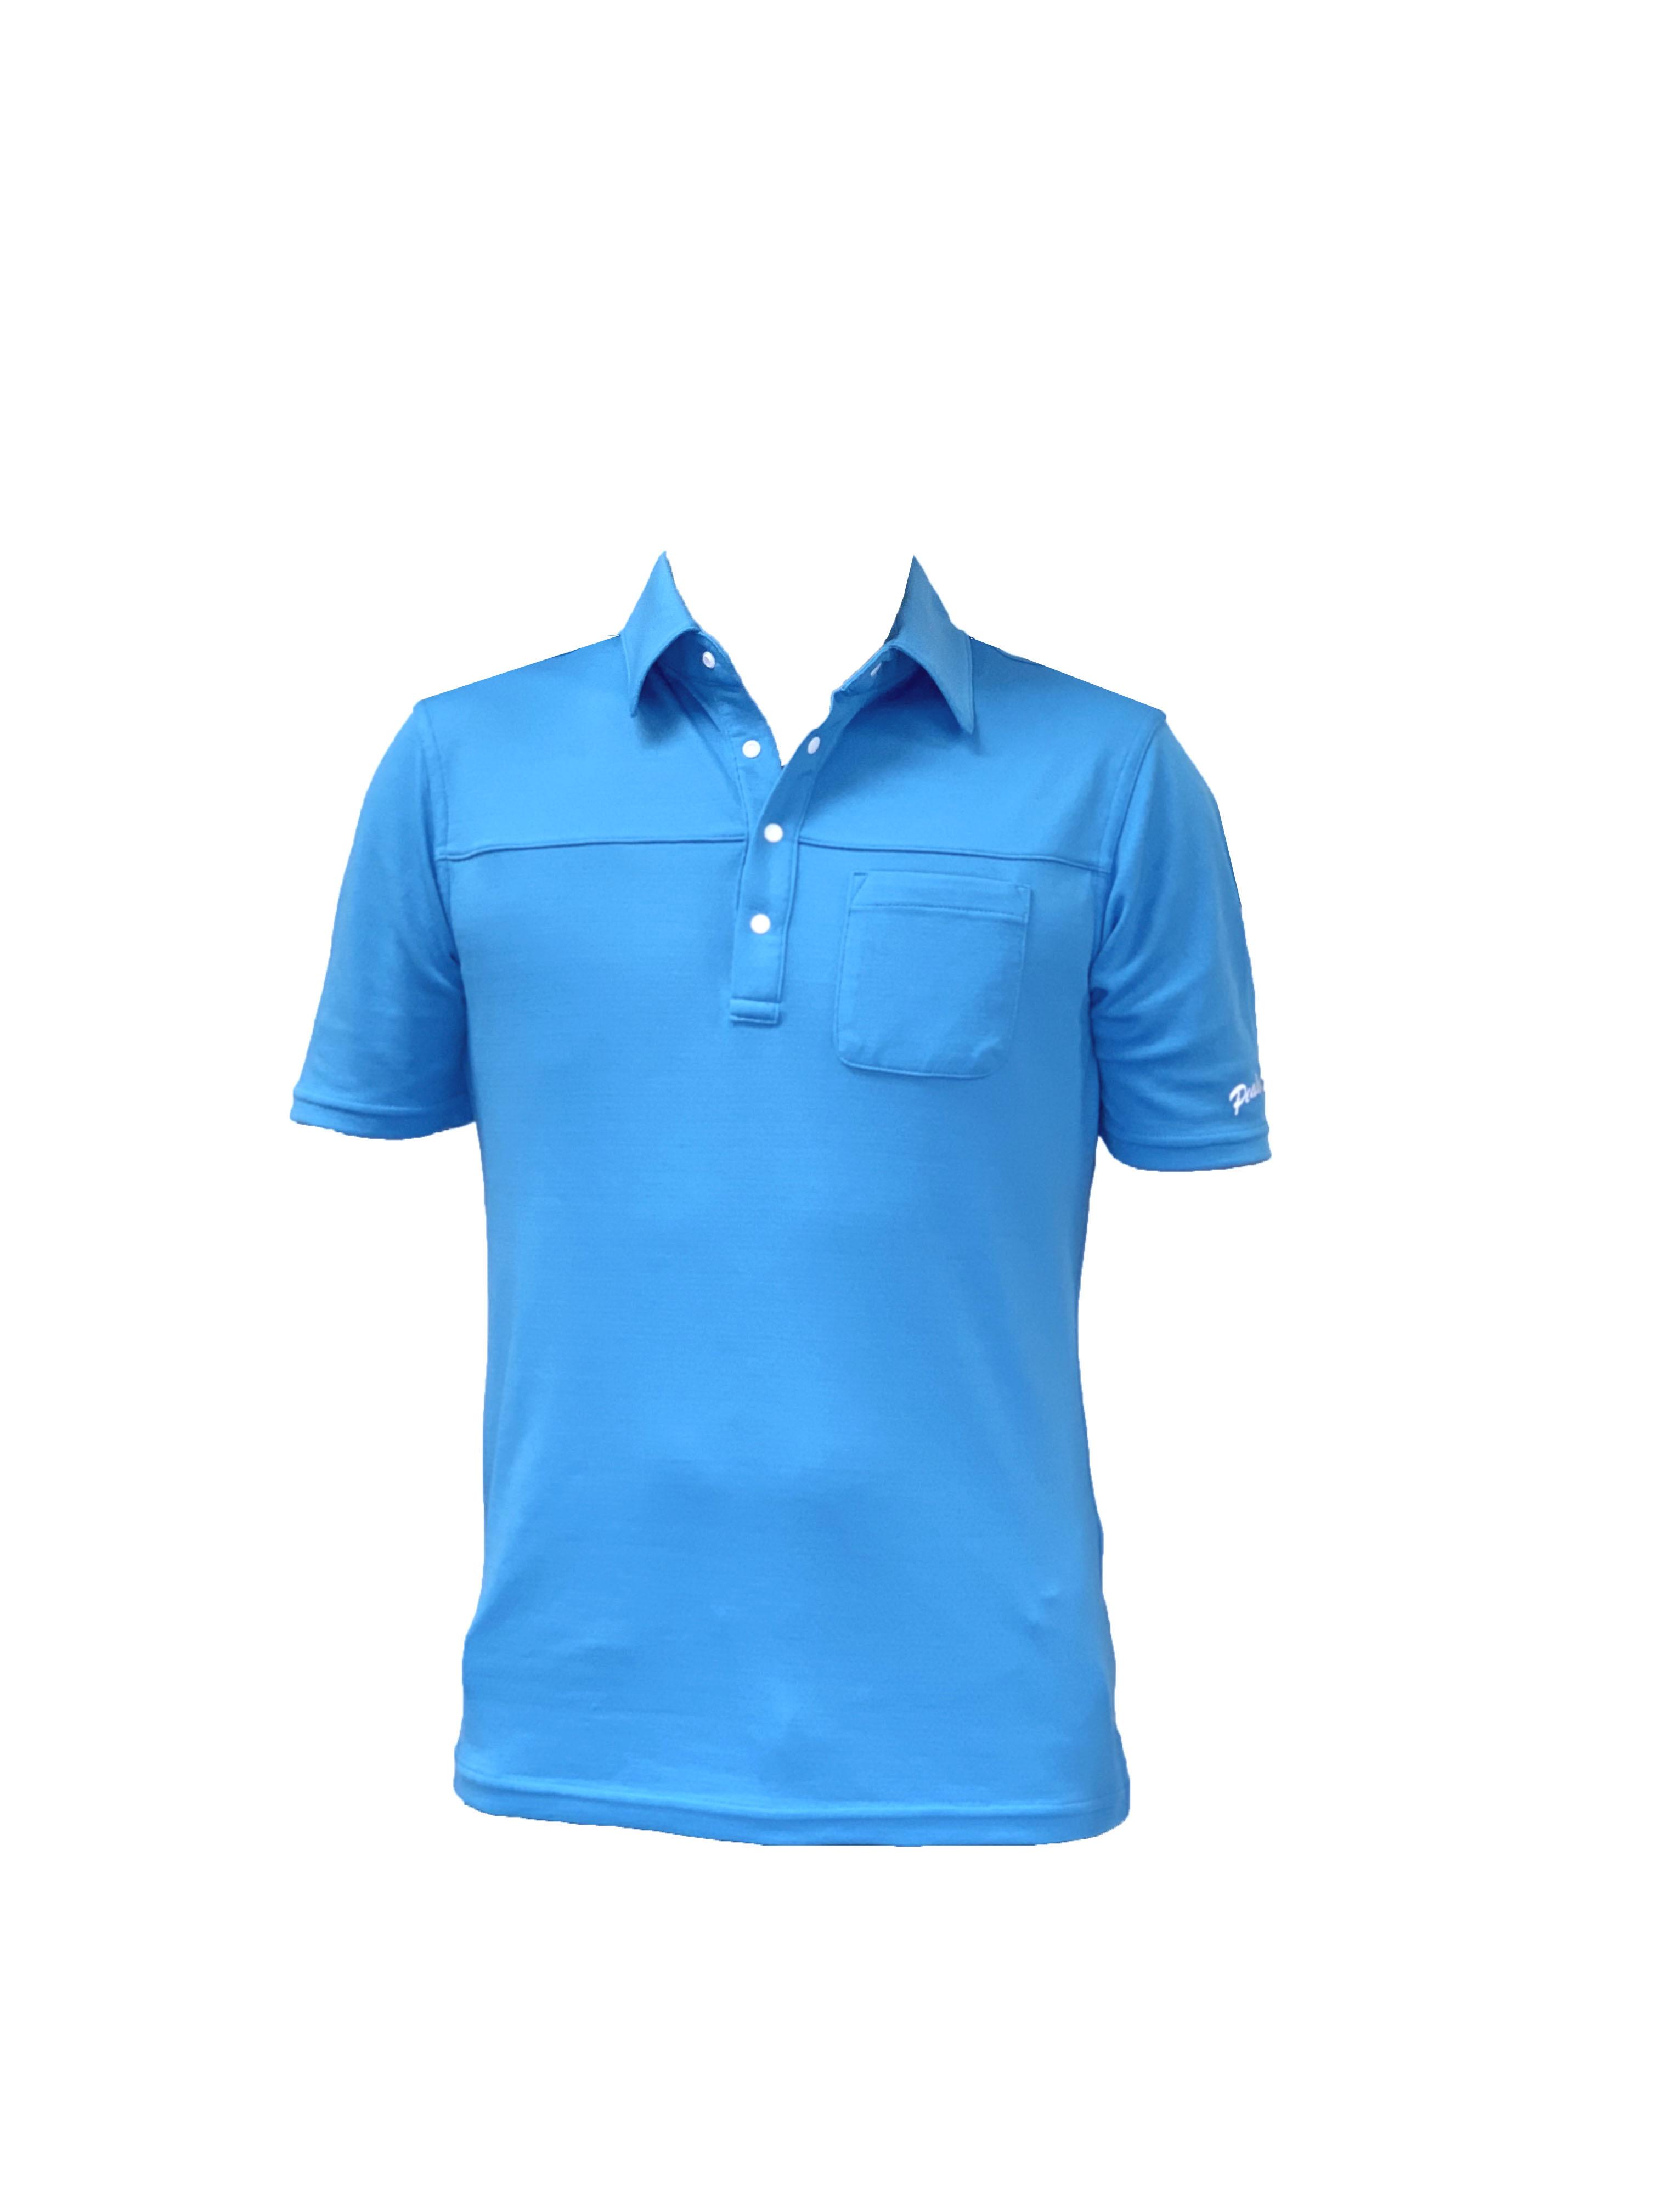 P819SS01 接触冷感 メンズポロシャツ(ブルー)